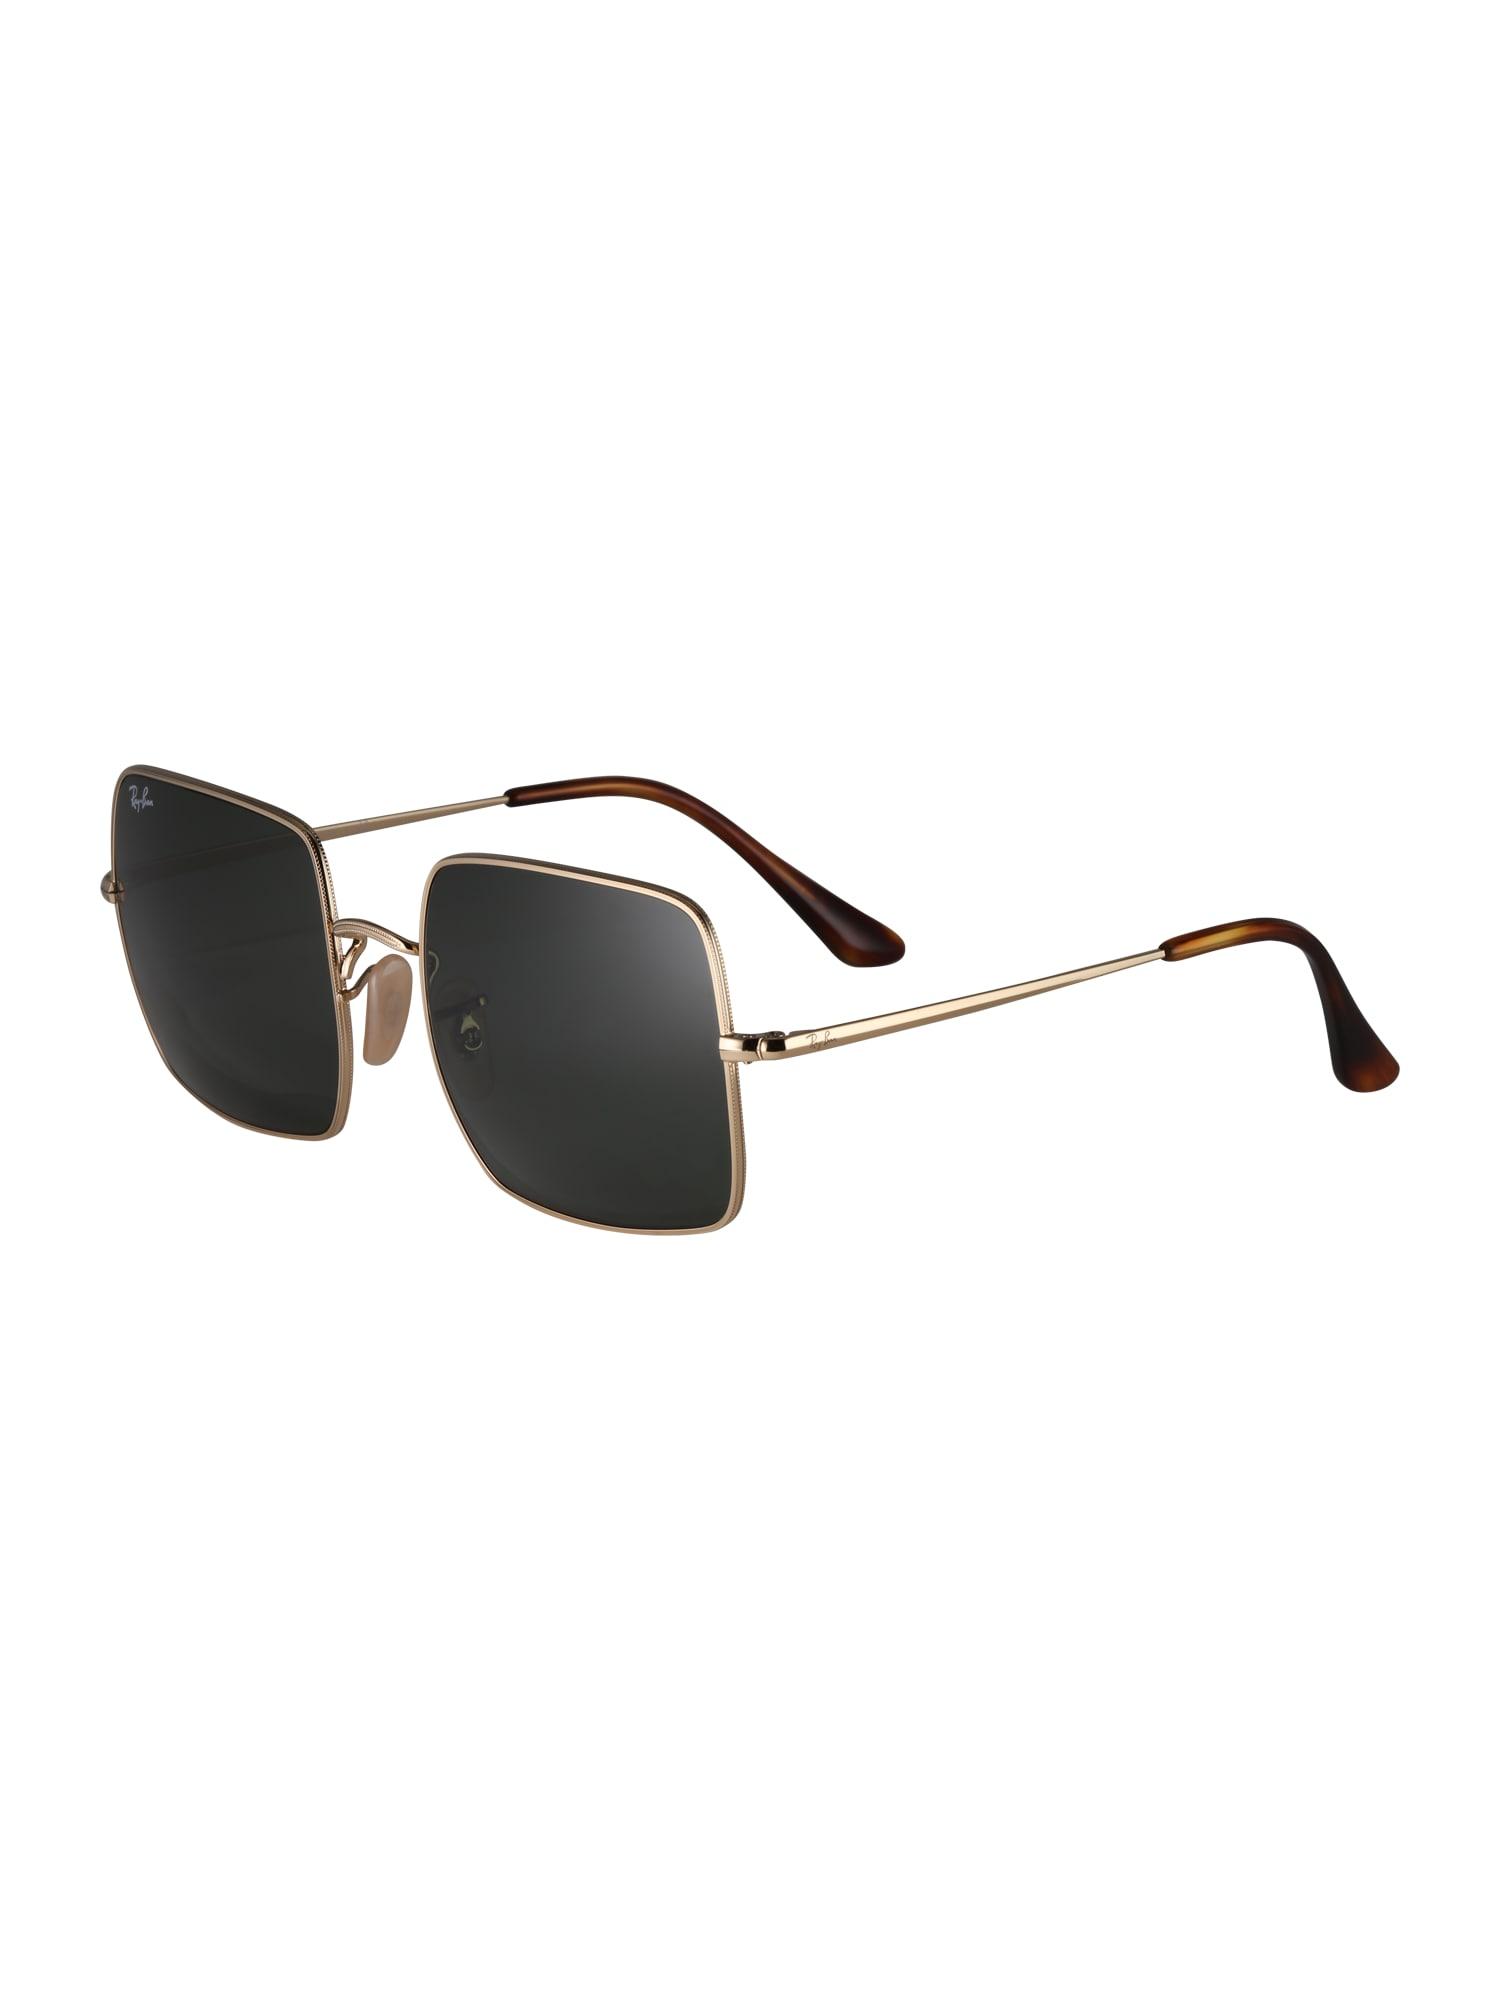 Sonnenbrille 'SQUARE' | Accessoires > Sonnenbrillen | Gold | Ray-Ban